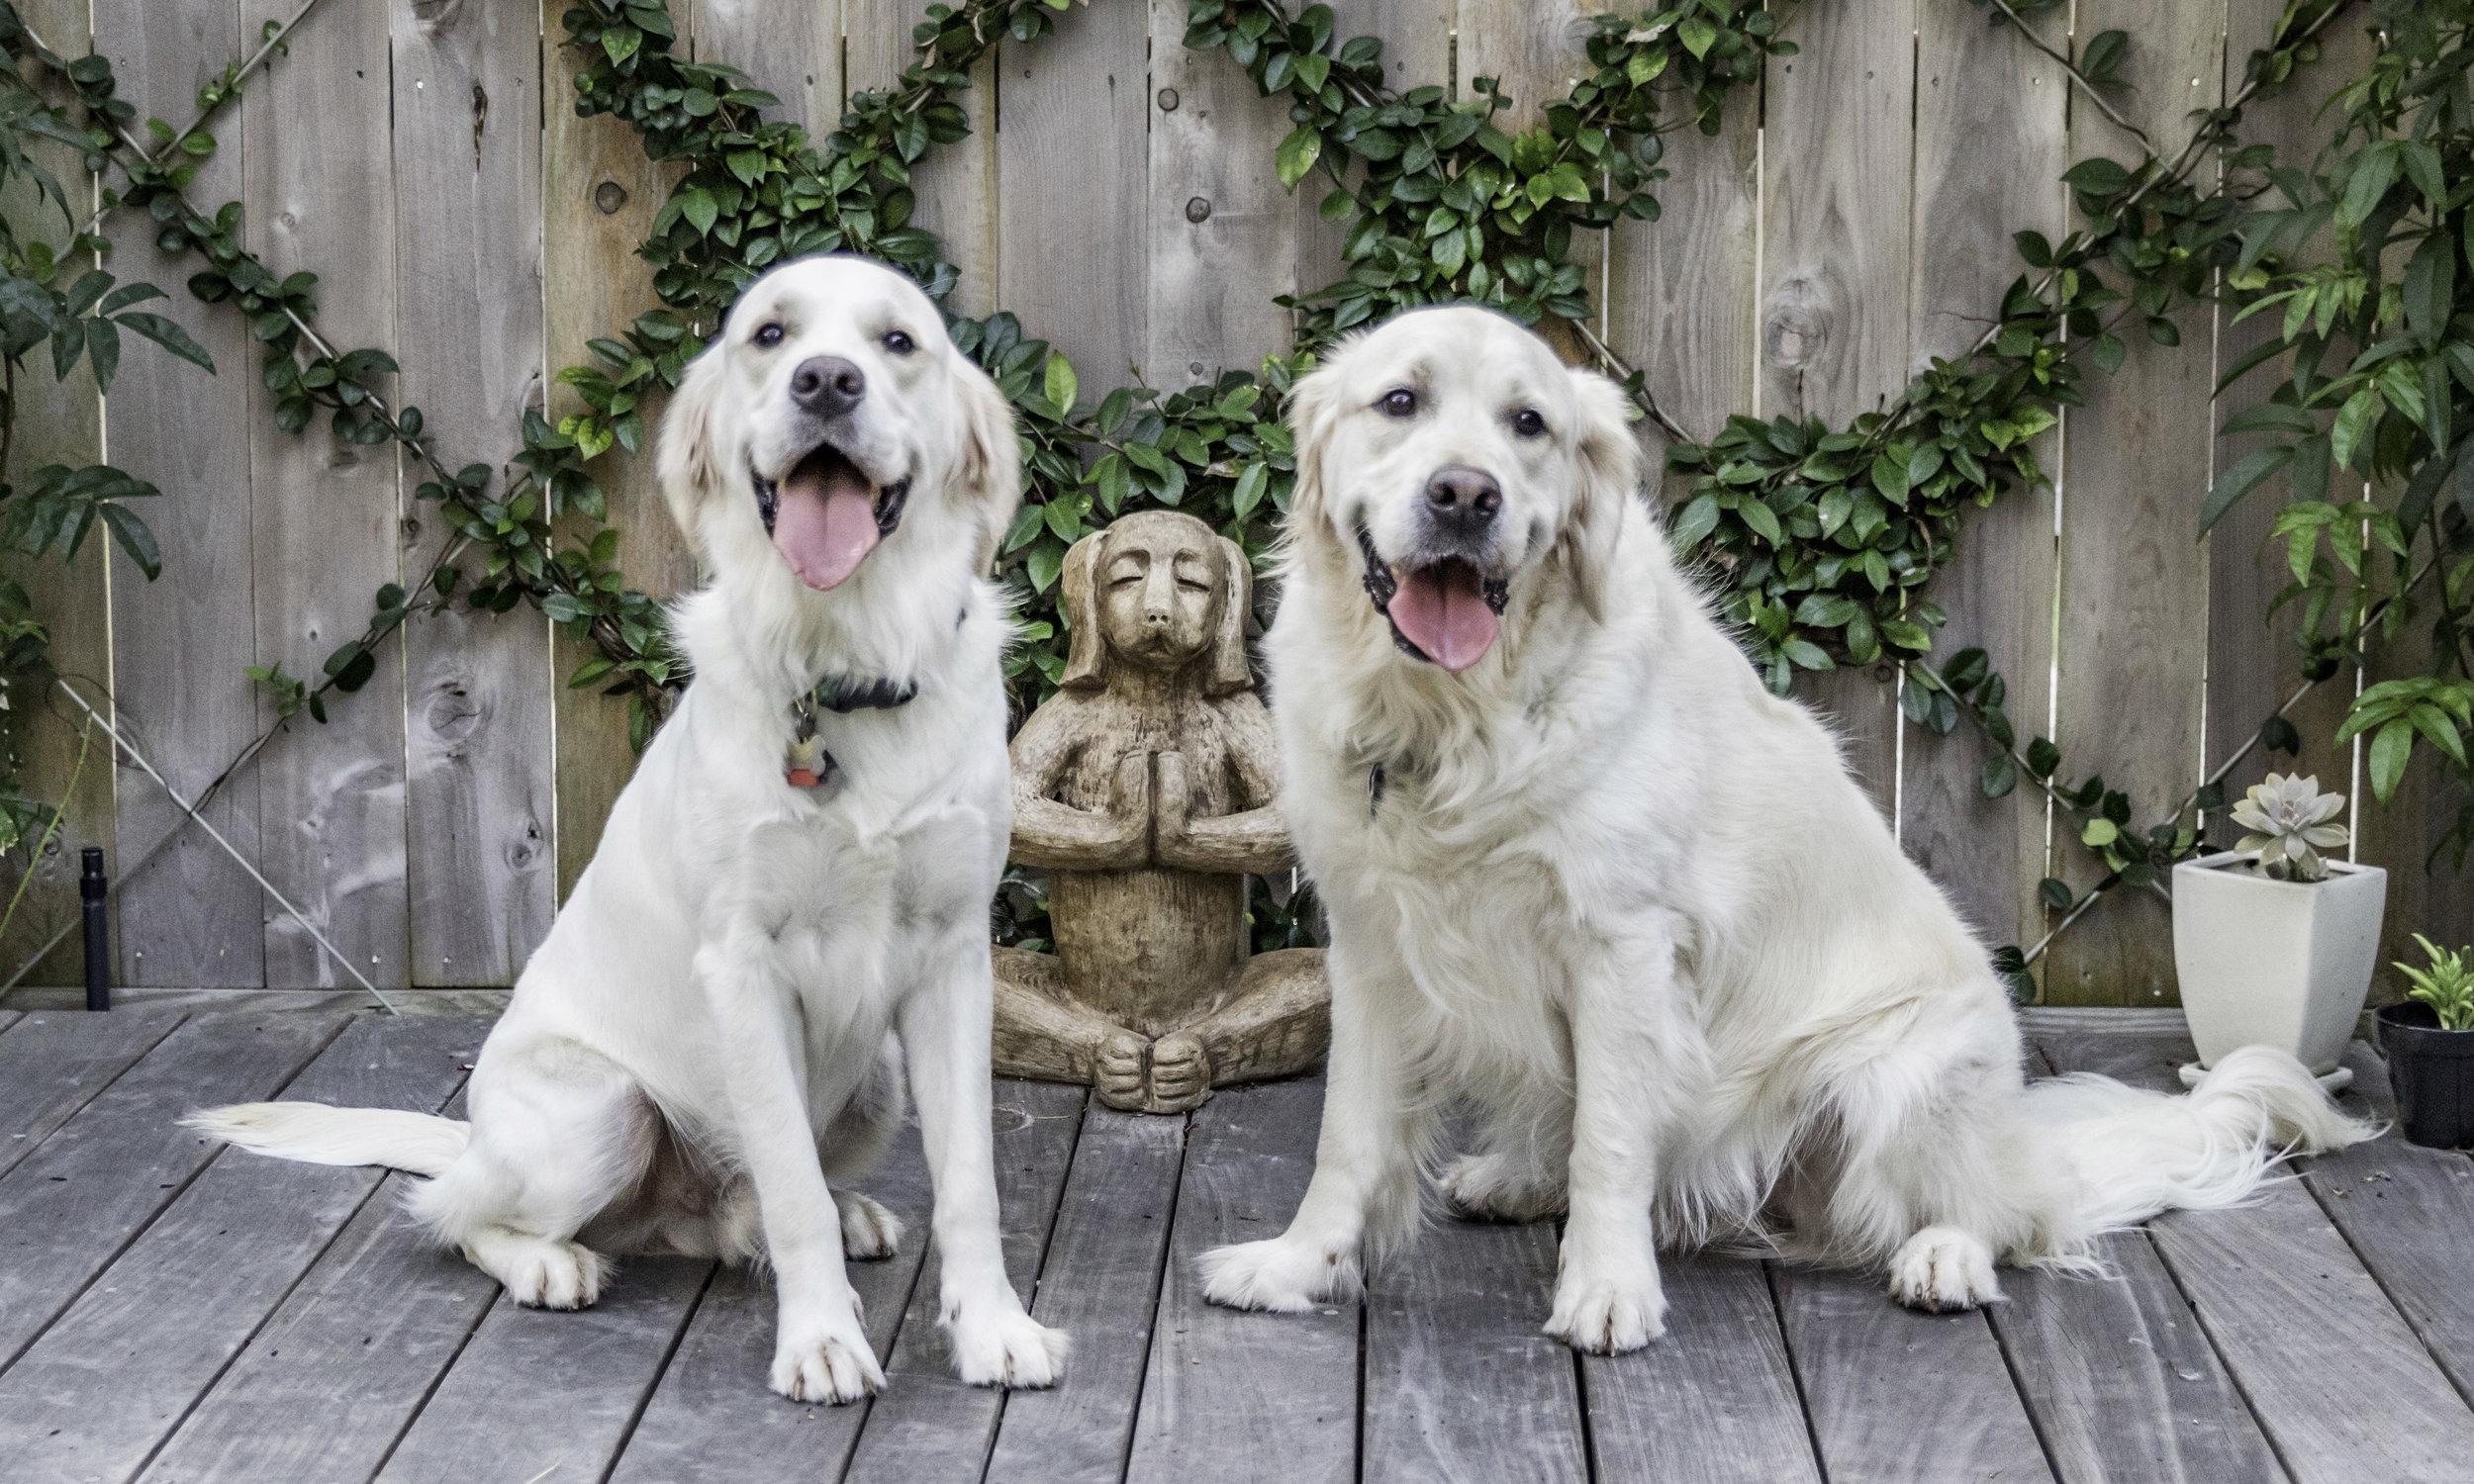 Stephanie Bennett Dog Puppy Training | Behavior Modification Potty Training | Houston TX_FC_8968 resized.jpg